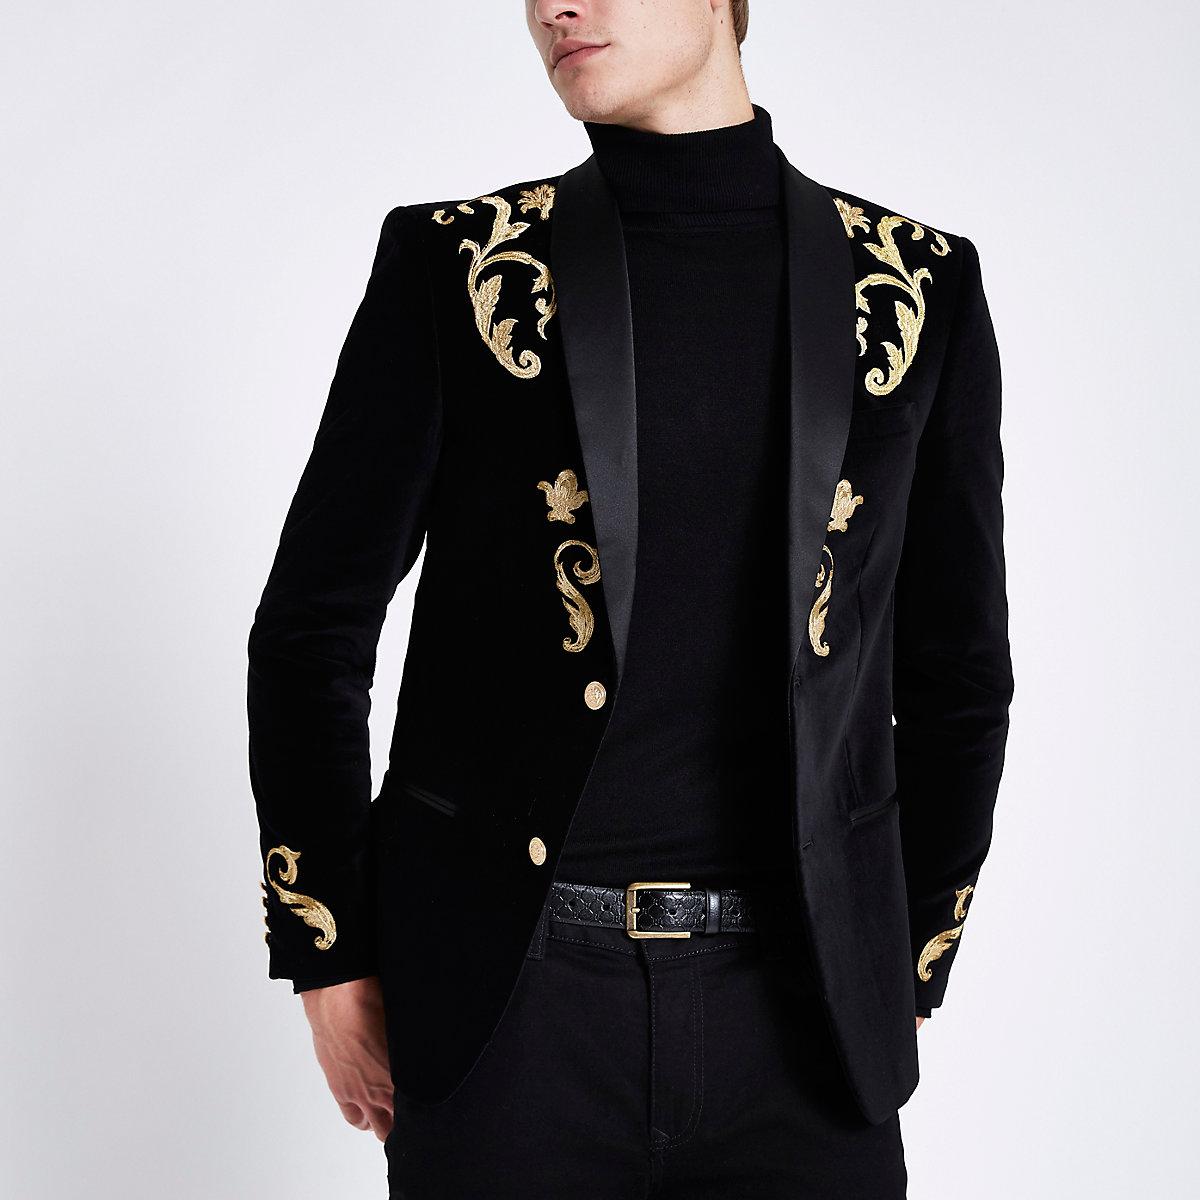 Skinny Fit Blazer in Schwarz und Gold